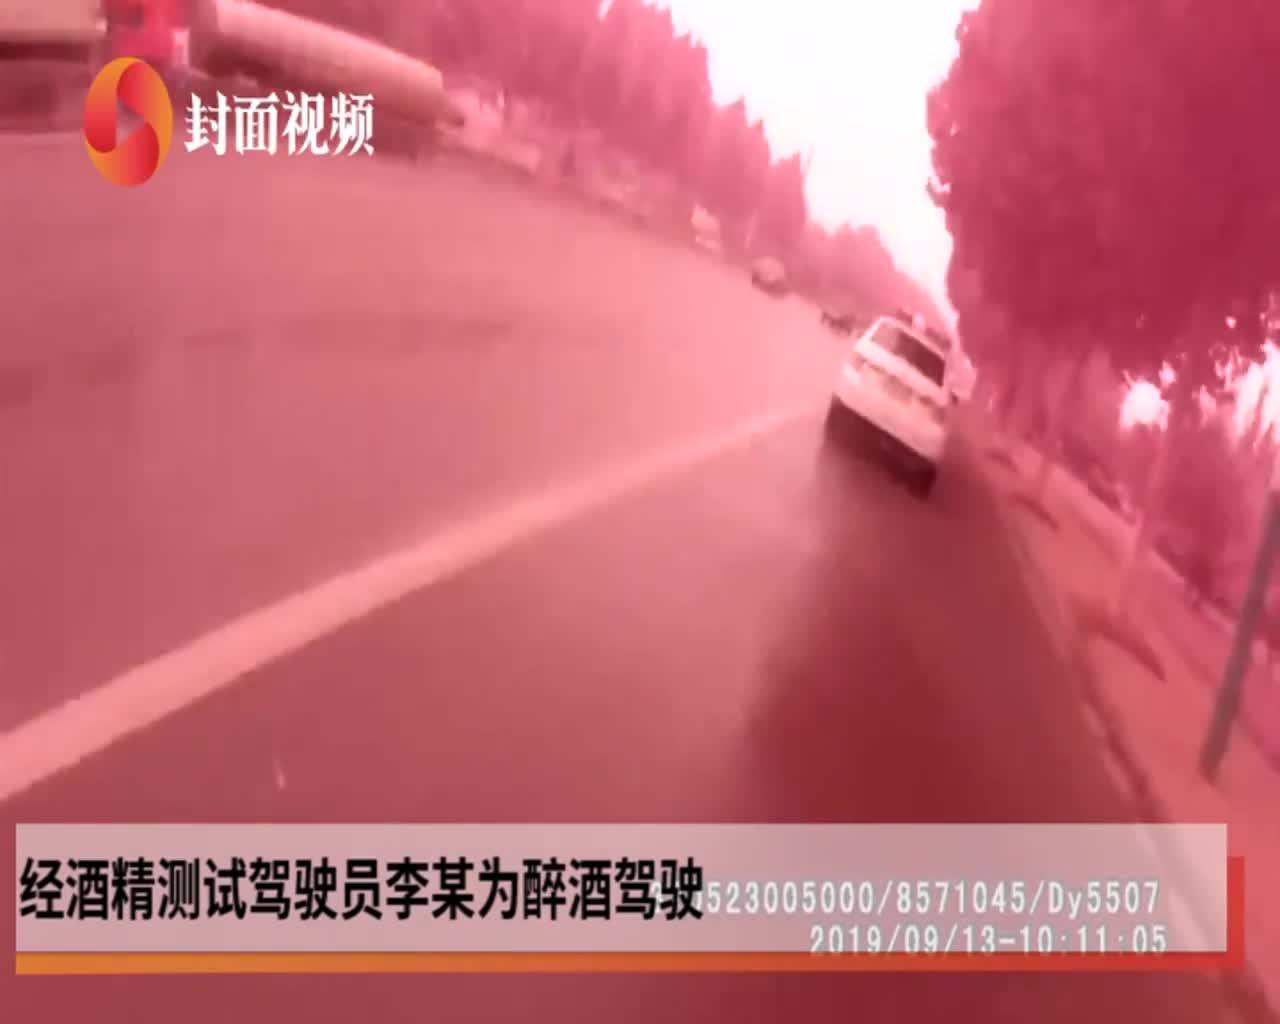 视频-劝阻不成大义灭亲 副驾驶举报驾驶员酒驾